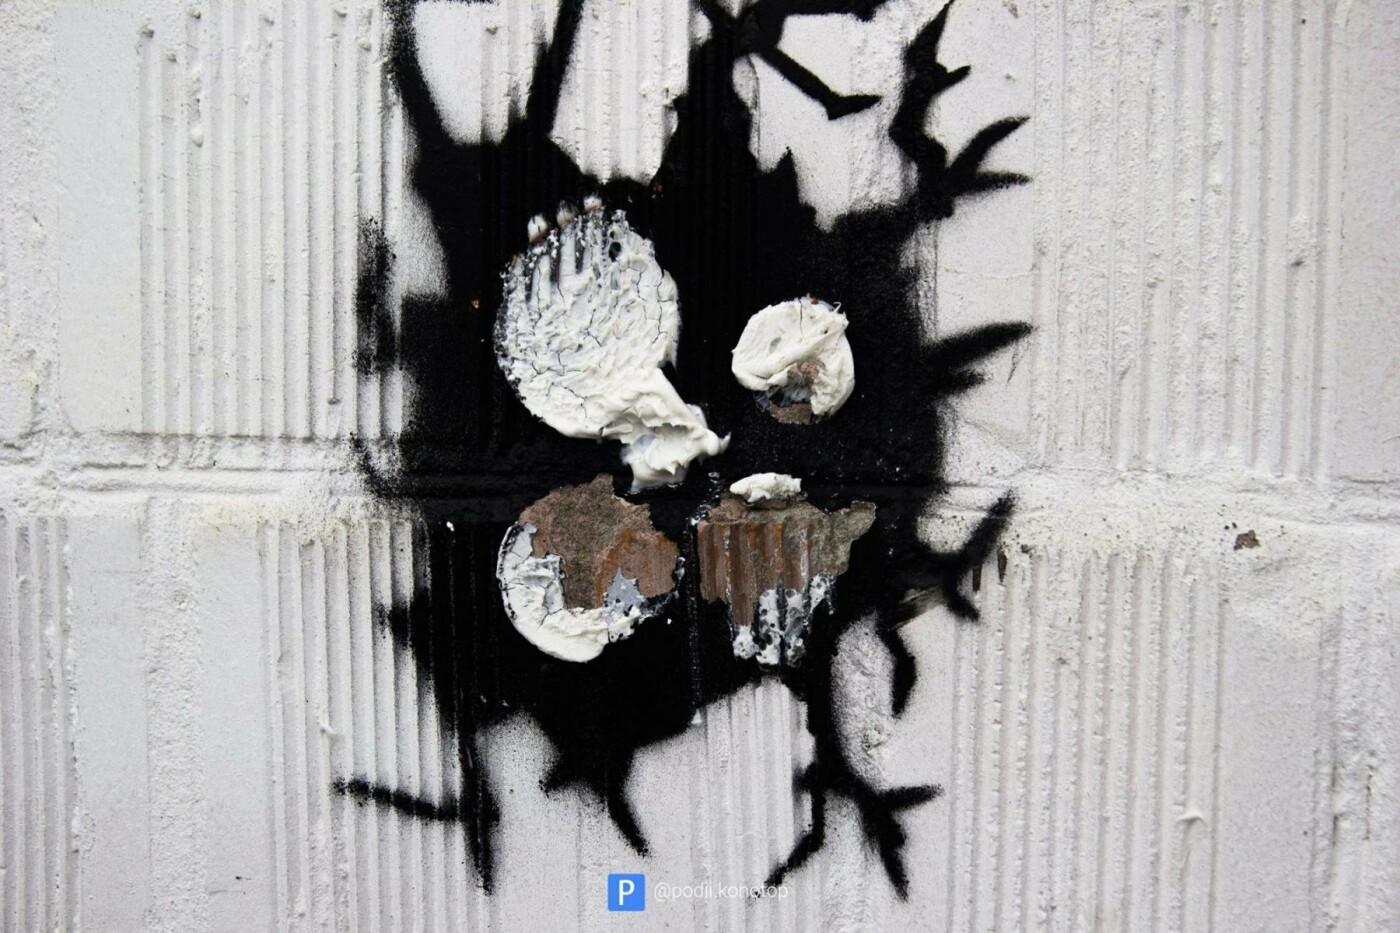 У Контопі зіпсували арт-об'єкти, фото-1